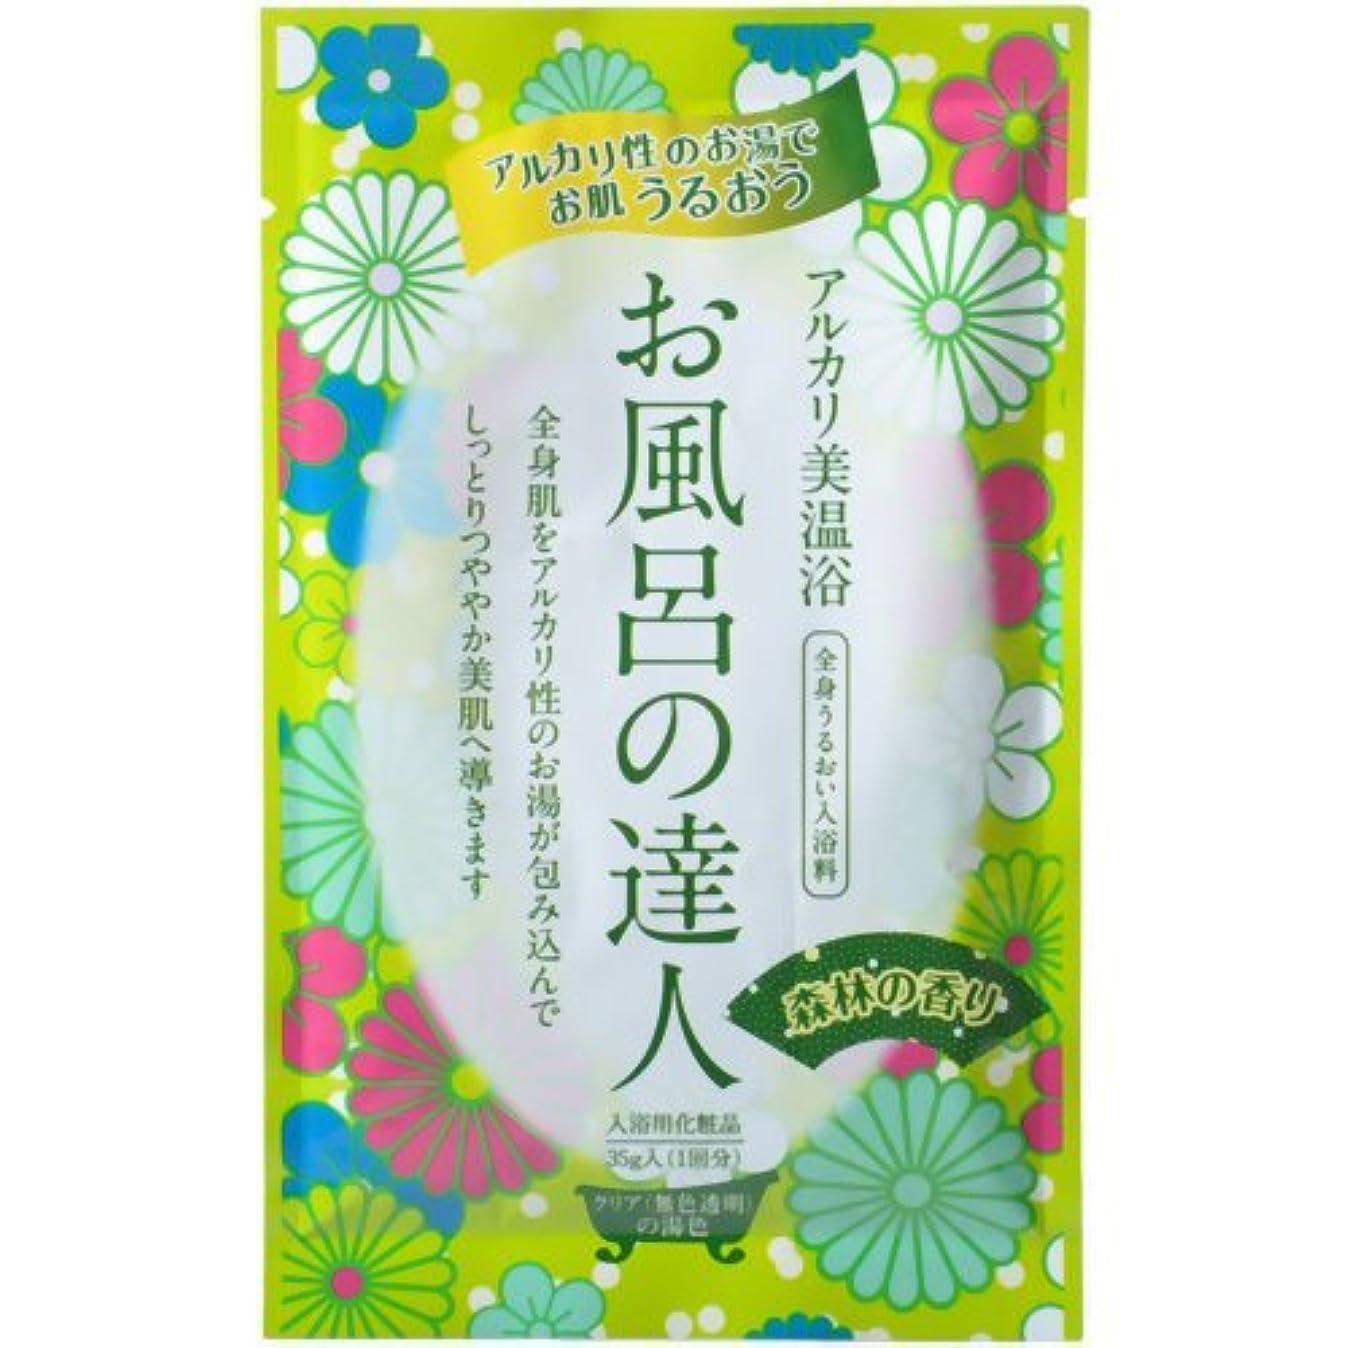 中性穿孔する少し五洲薬品(株) お風呂の達人森林の香り 35G 入浴剤